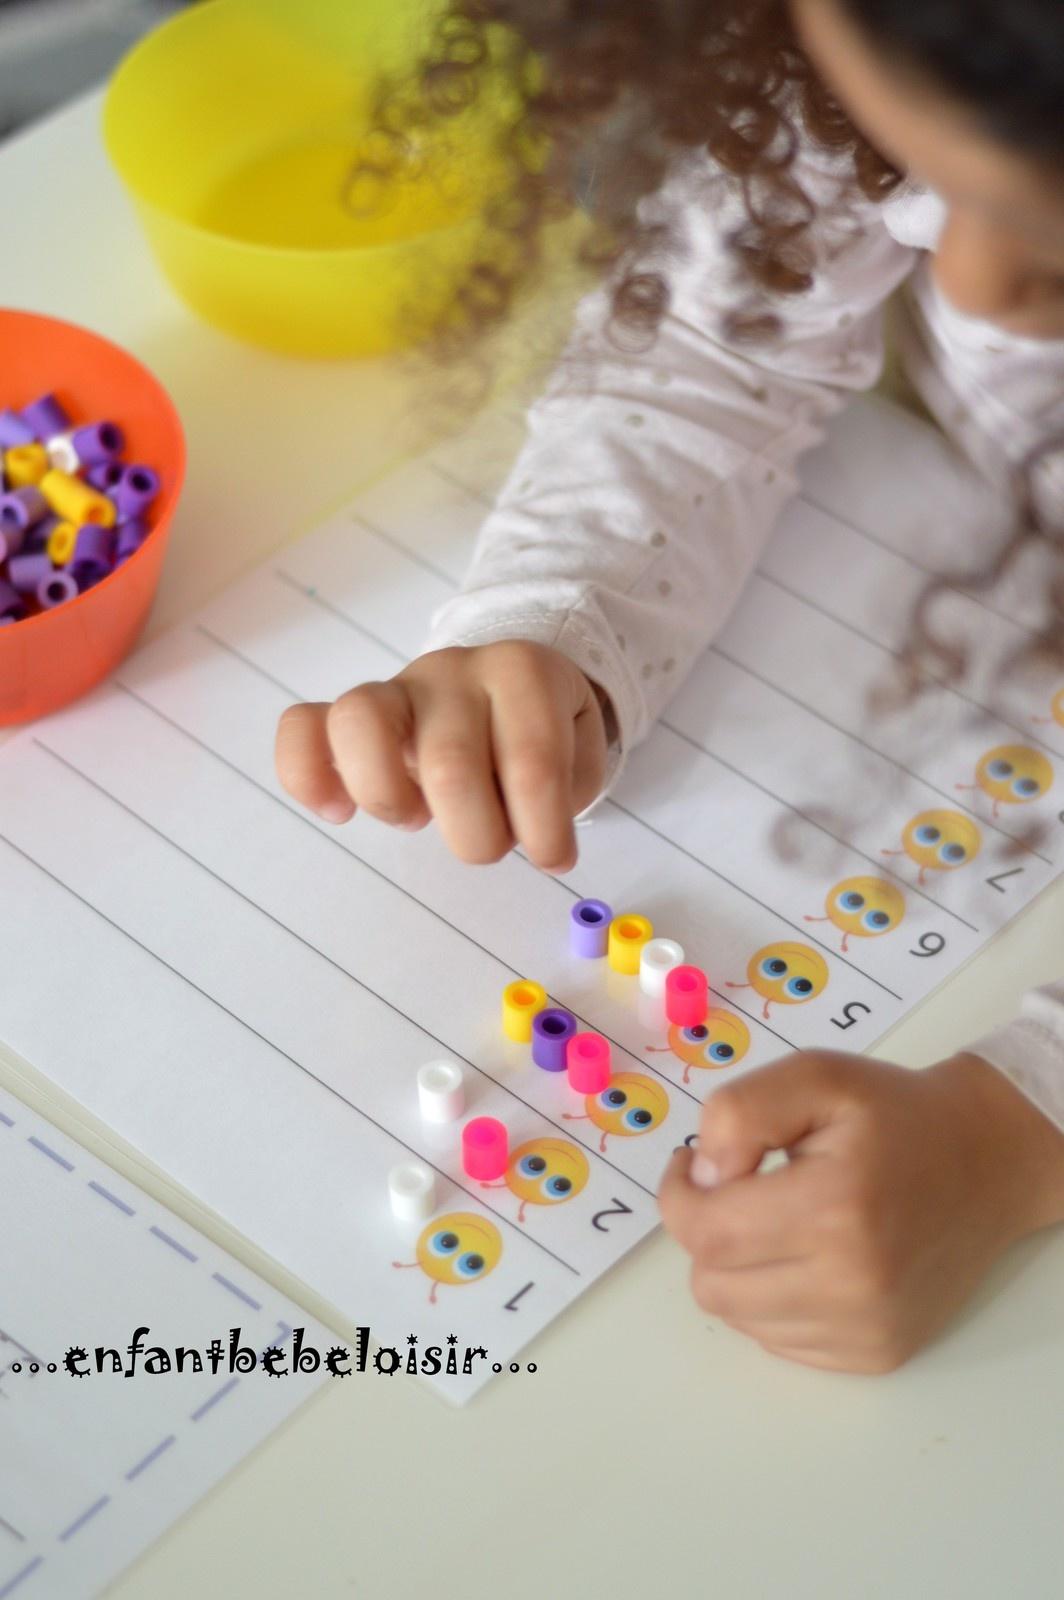 Fiche Exercice À Compter - Pdf À Imprimer - Enfant Bébé Loisir intérieur Exercices Moyenne Section Maternelle Pdf